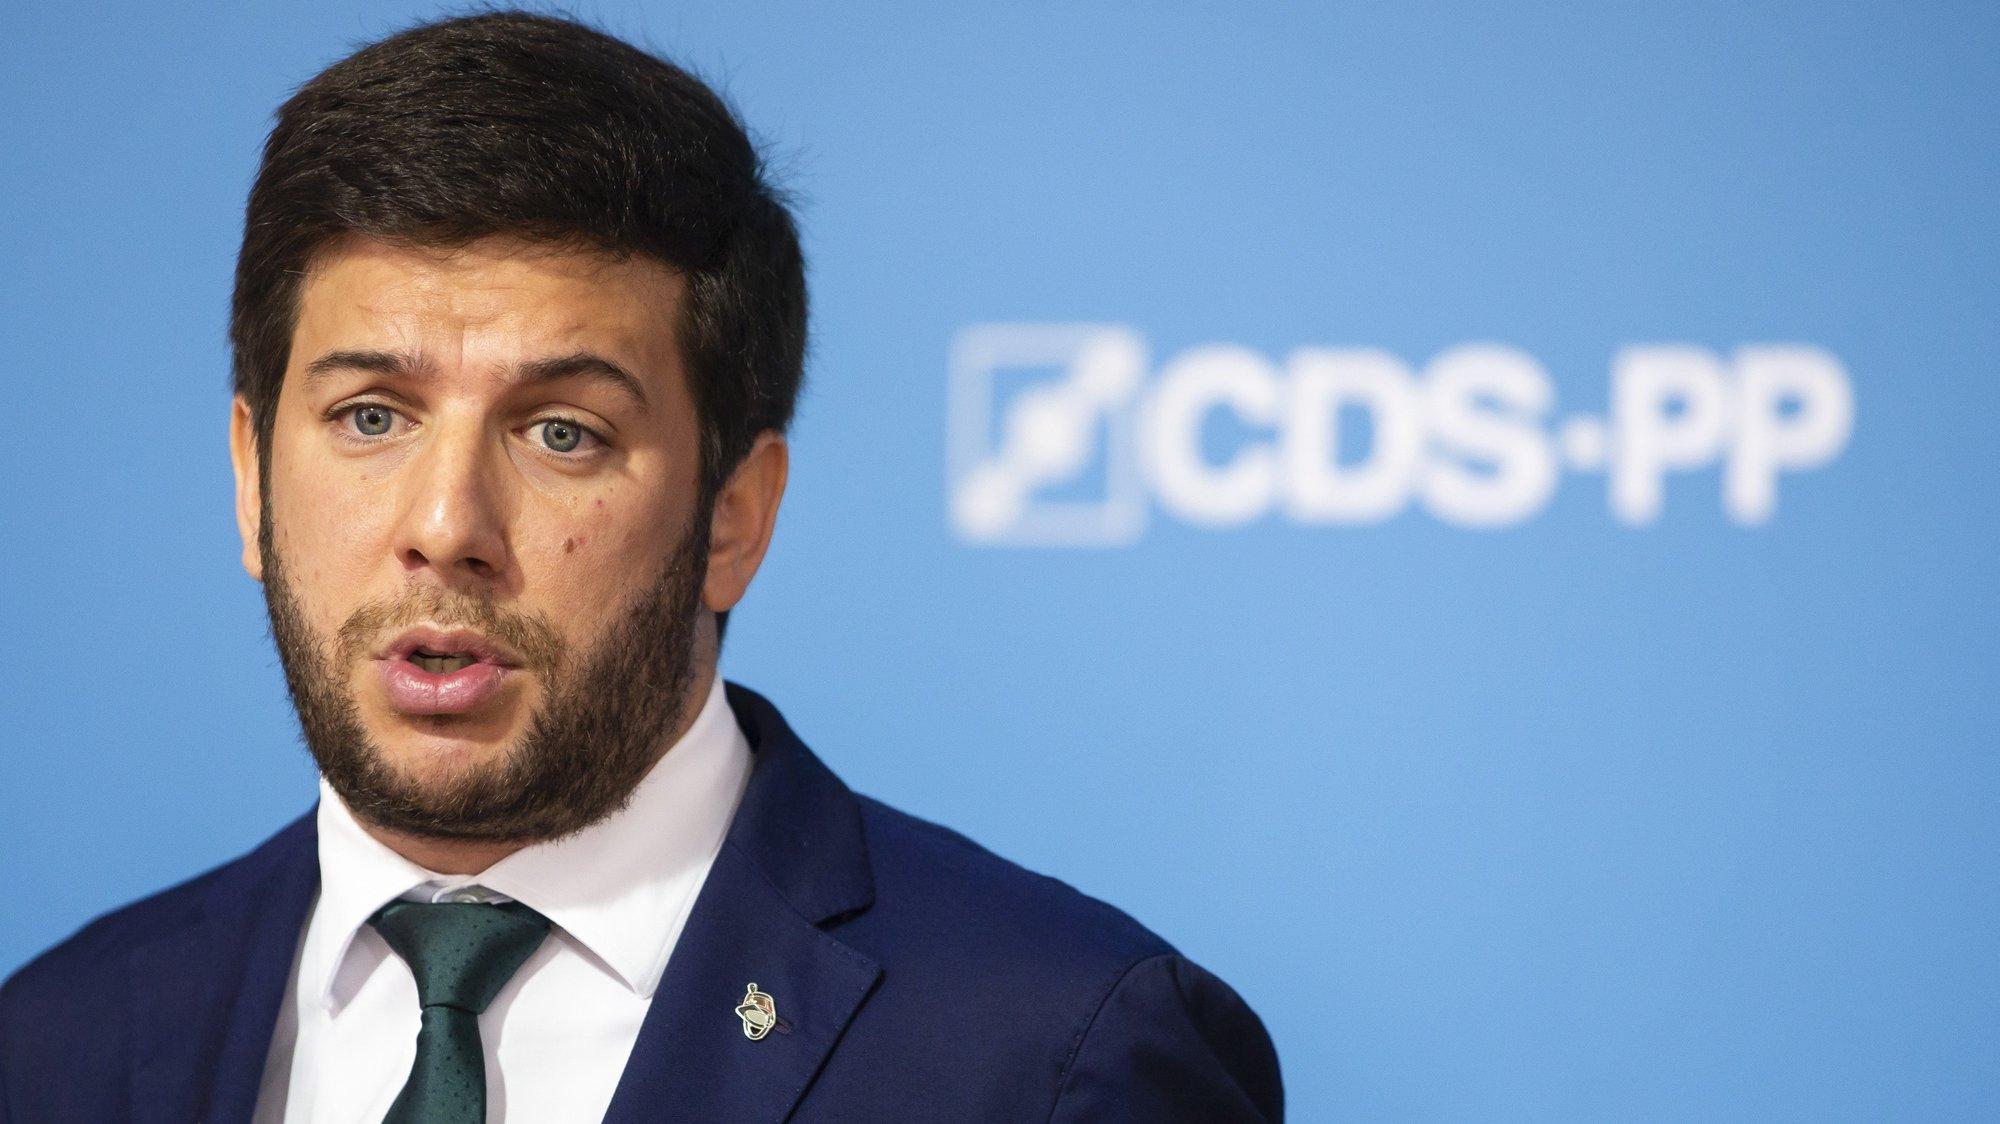 O presidente do CDS-PP, Francisco Rodrigues dos Santos, durante uma conferência de imprensa para apresentação de propostas para a criminalização do enriquecimento ilícito, na sede do CDS-PP, em Lisboa, 26 de abril de 2021. JOSÉ SENA GOULÃO/LUSA